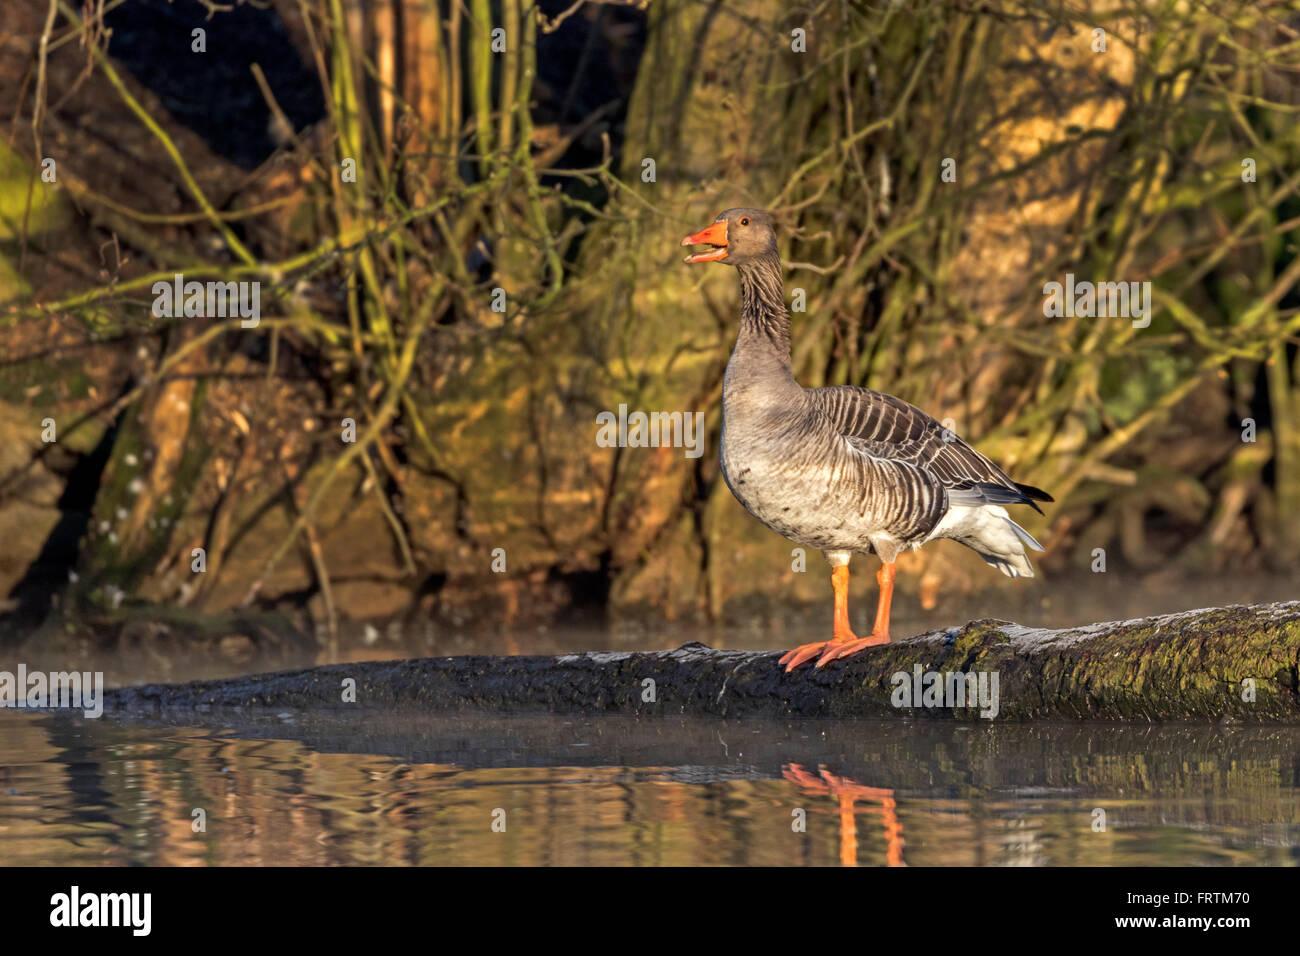 Graugans, (Anser anser), Hamburg, Deutschland, Europa / Gray goose, (Anser anser), Hamburg, Germany, Europe Stock Photo